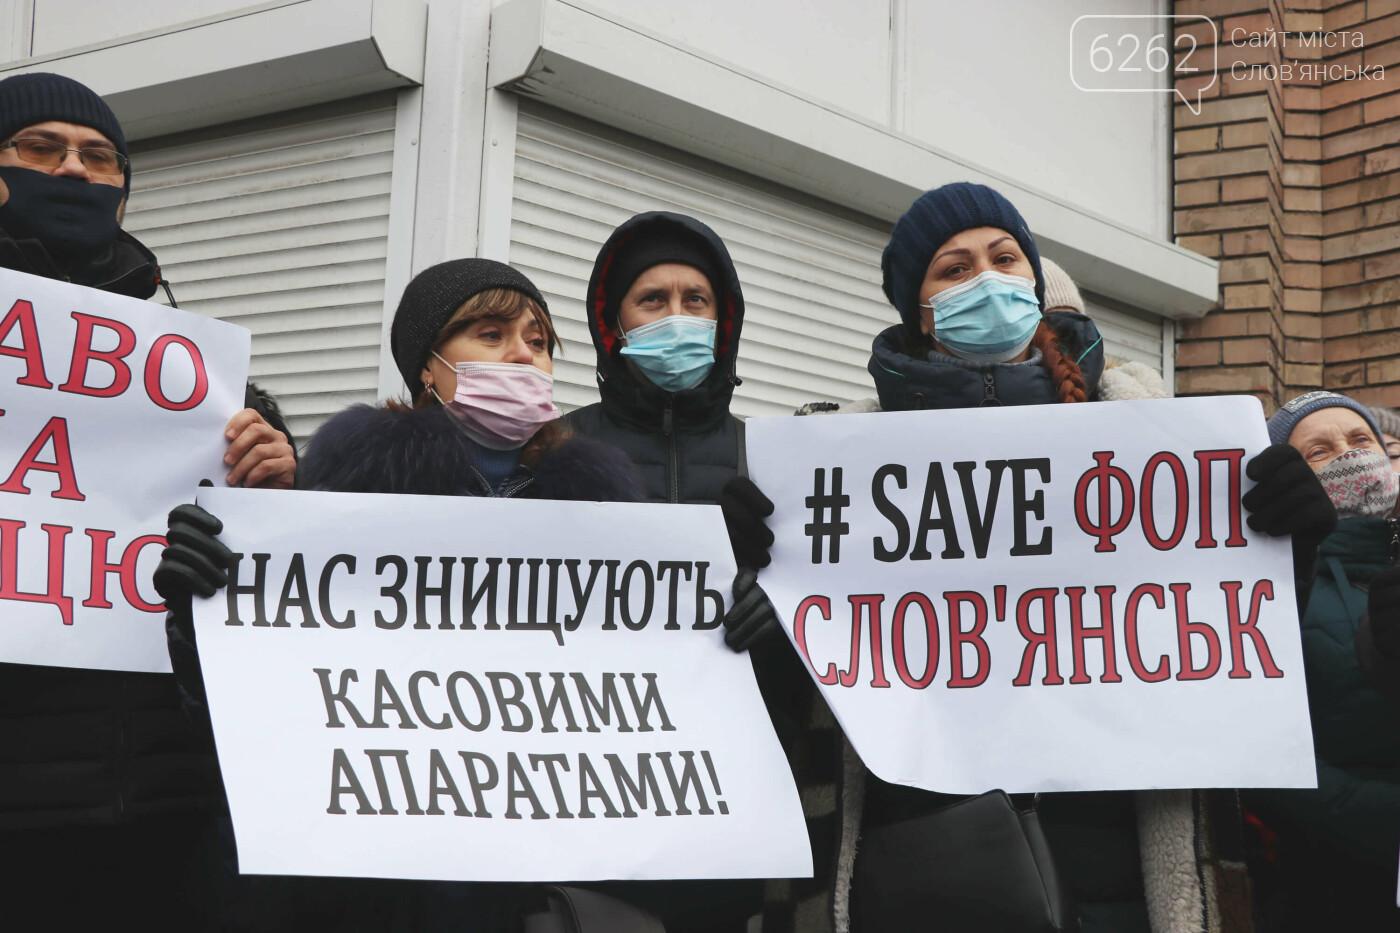 Save ФОП: у Слов'янську підприємці вийшли на мітинг - ФОТО, фото-8